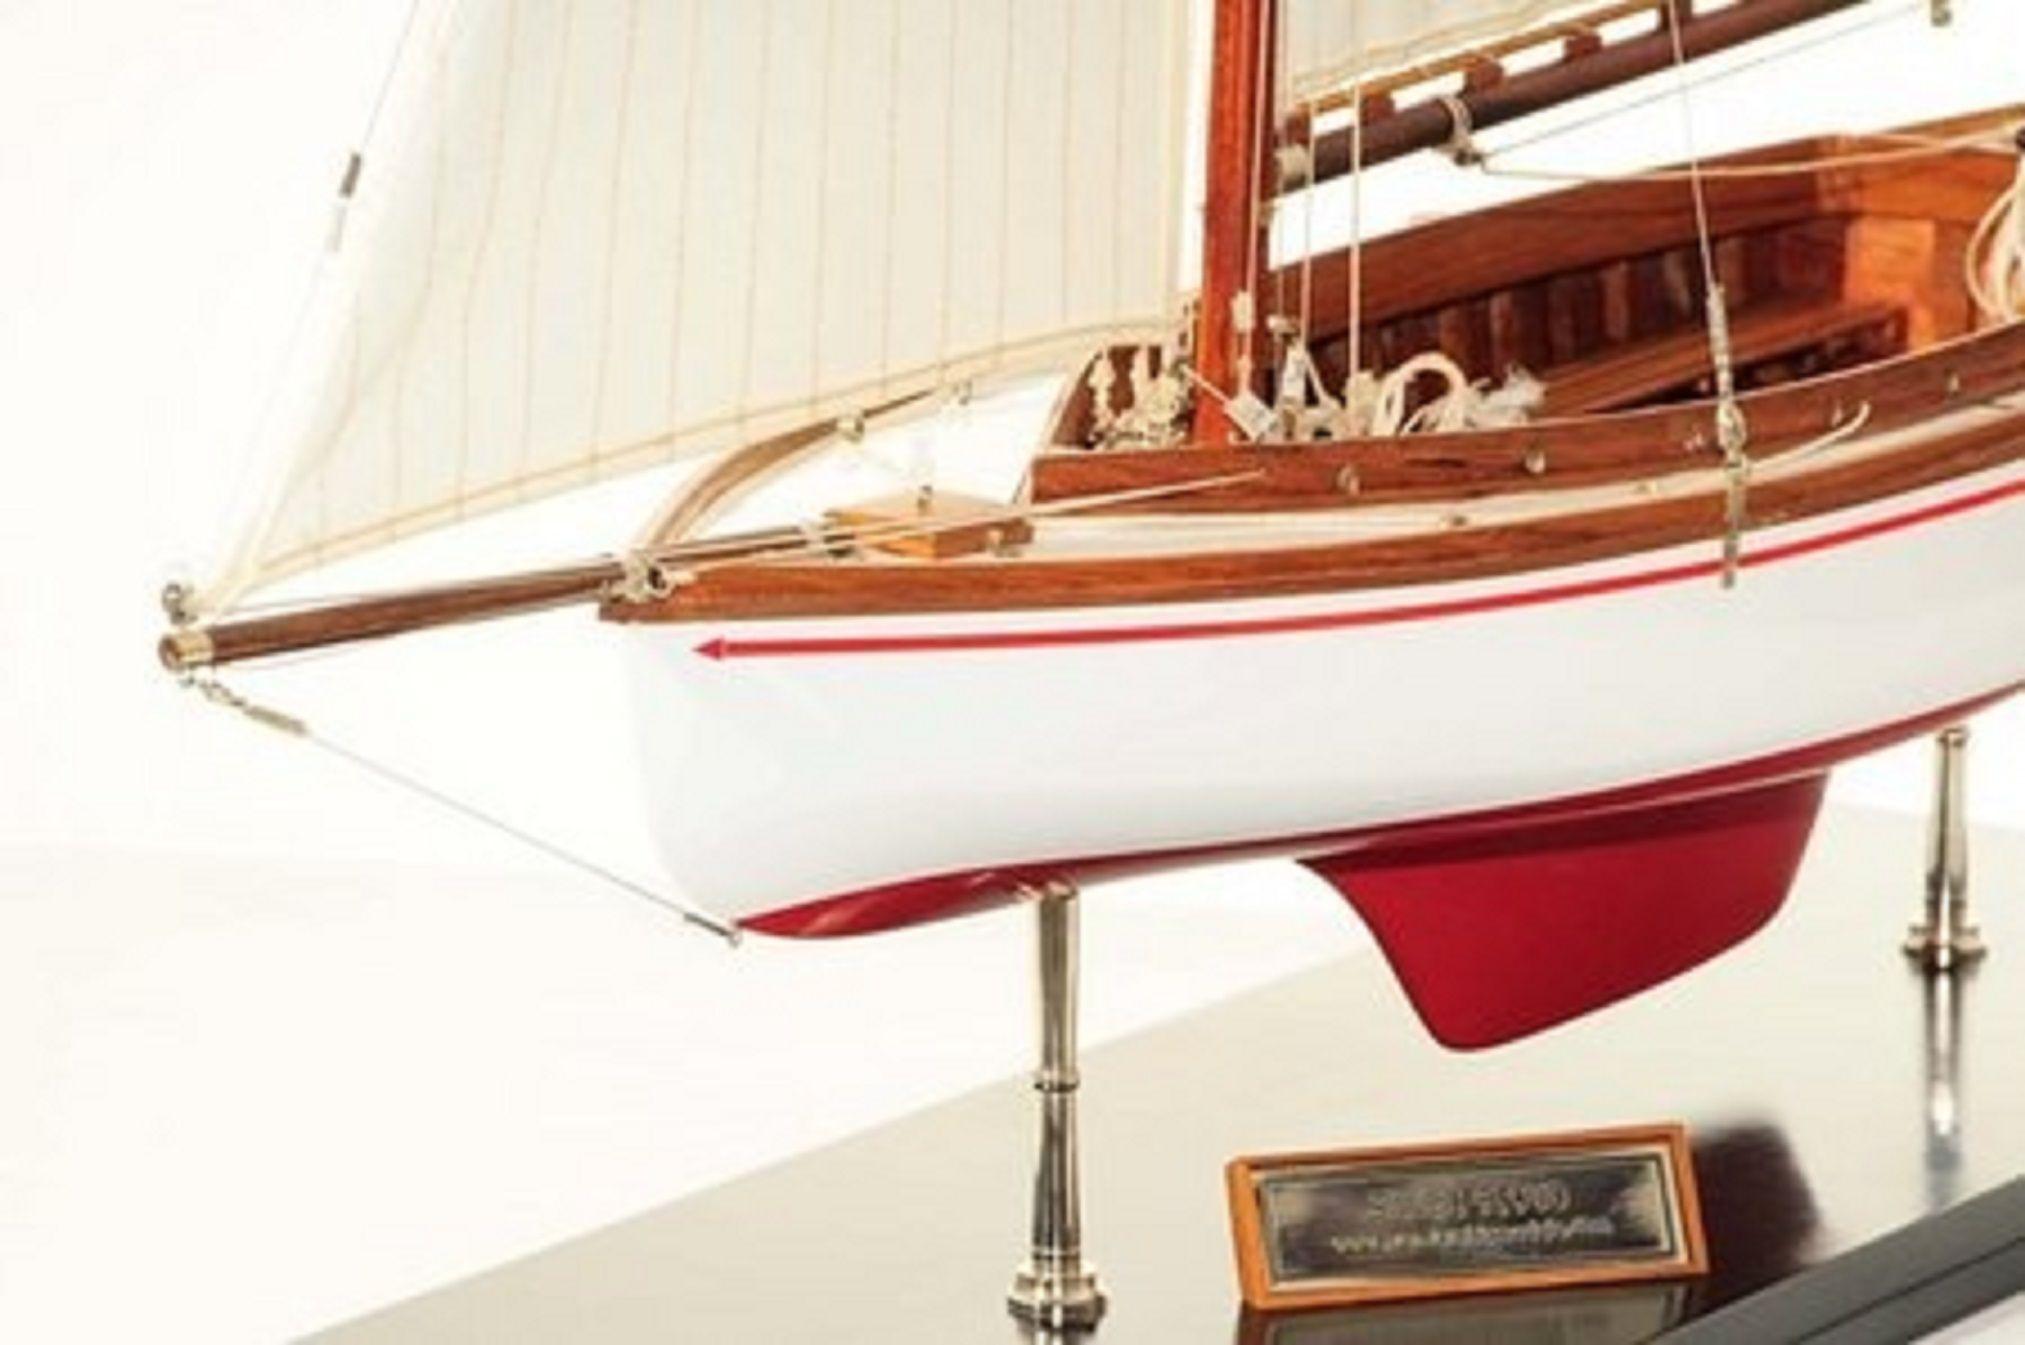 665-7625-Silver-Cloud-Model-Yacht-Premier-Range